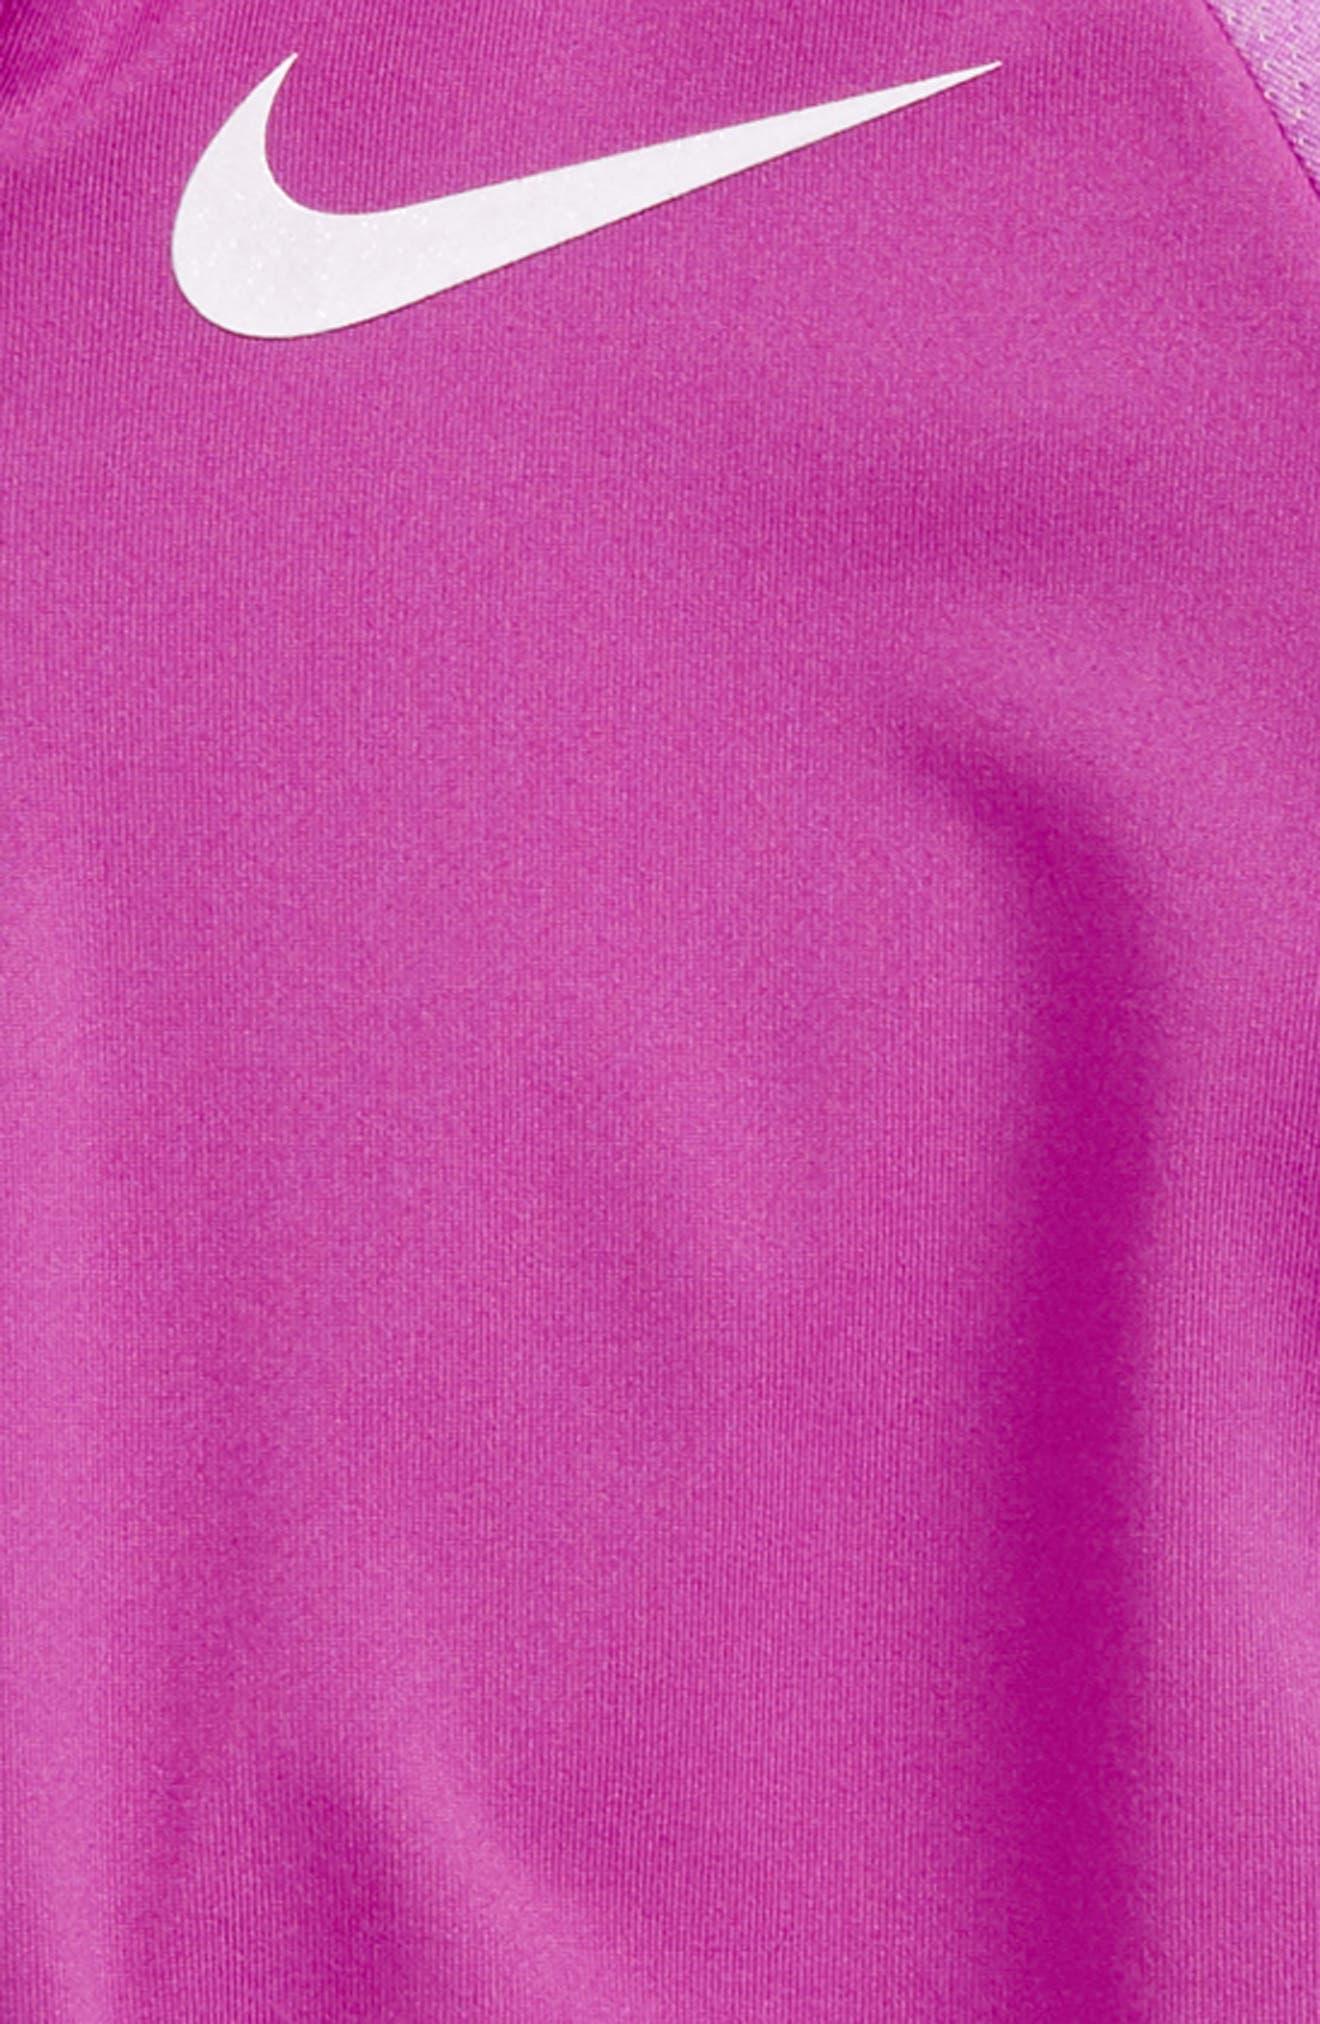 Alternate Image 2  - Nike Dry Half Zip Pullover (Toddler Girls & Little Girls)